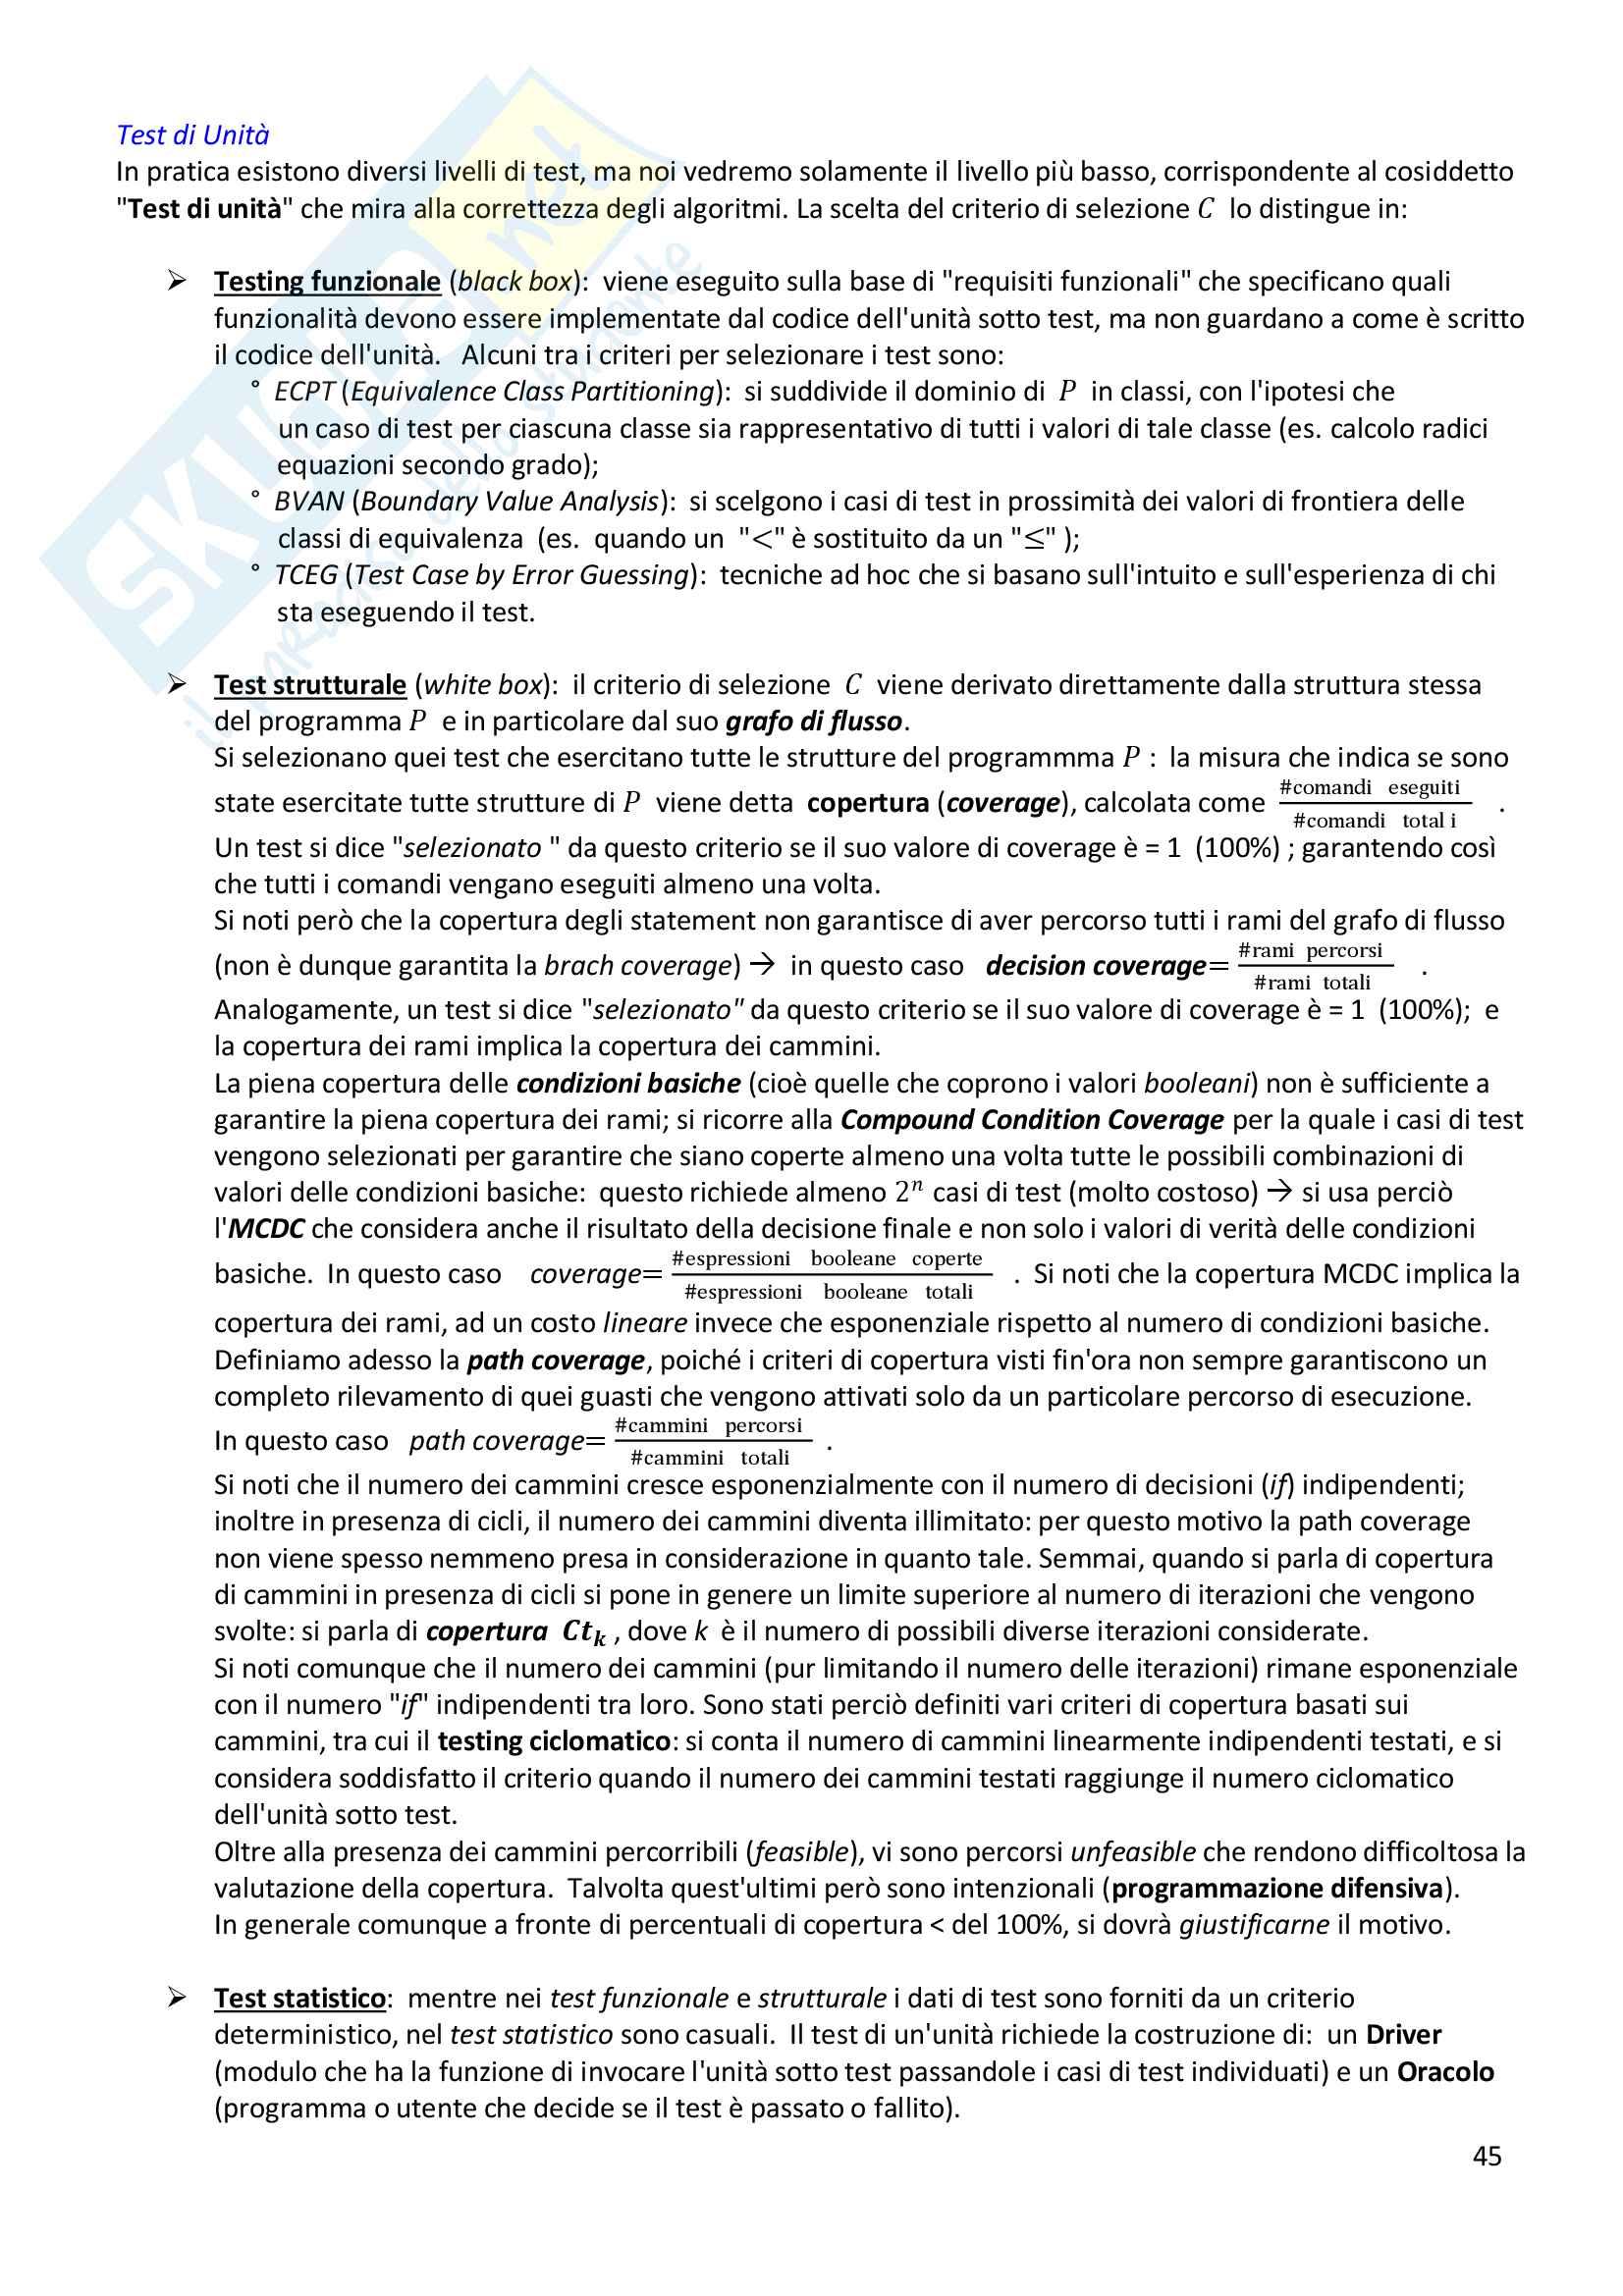 Riassunto Informatica industriale Pag. 46